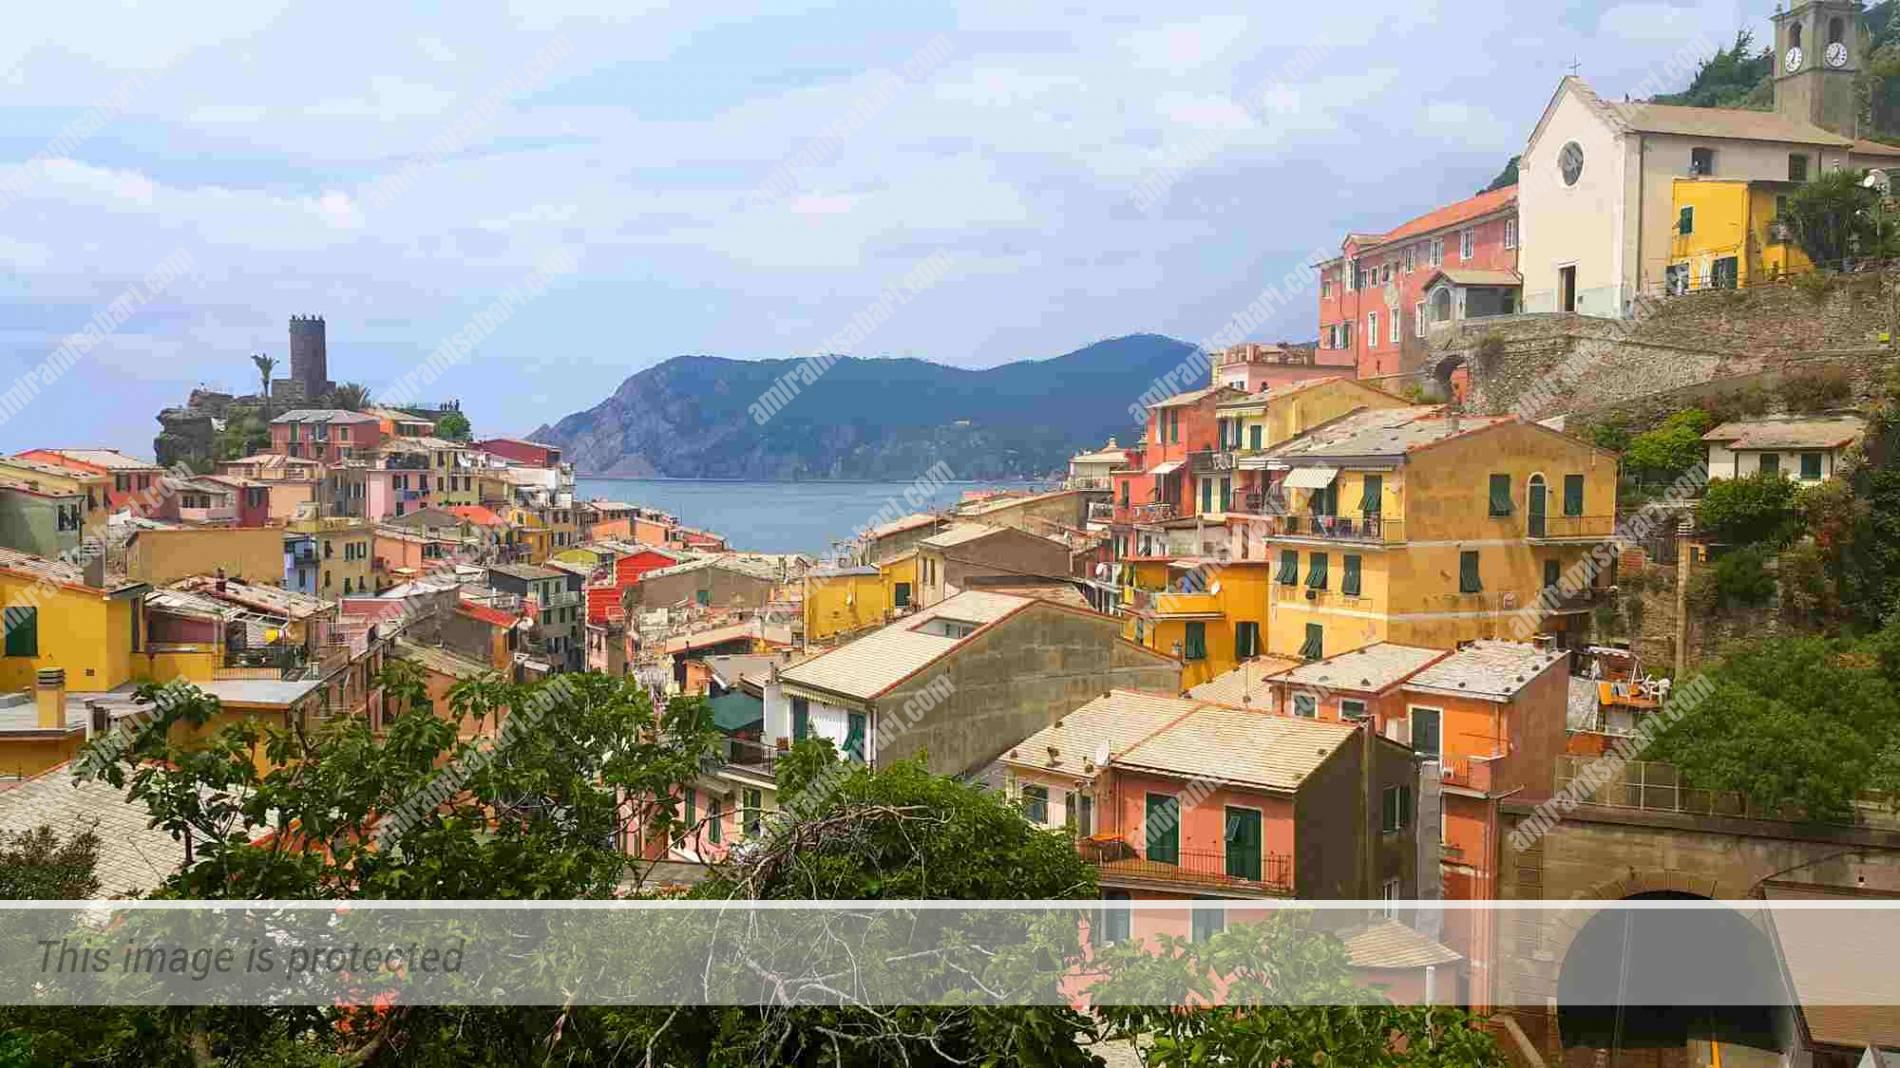 הרביעי מבין חמשת הכפרים, ורנאצה (vernazza)